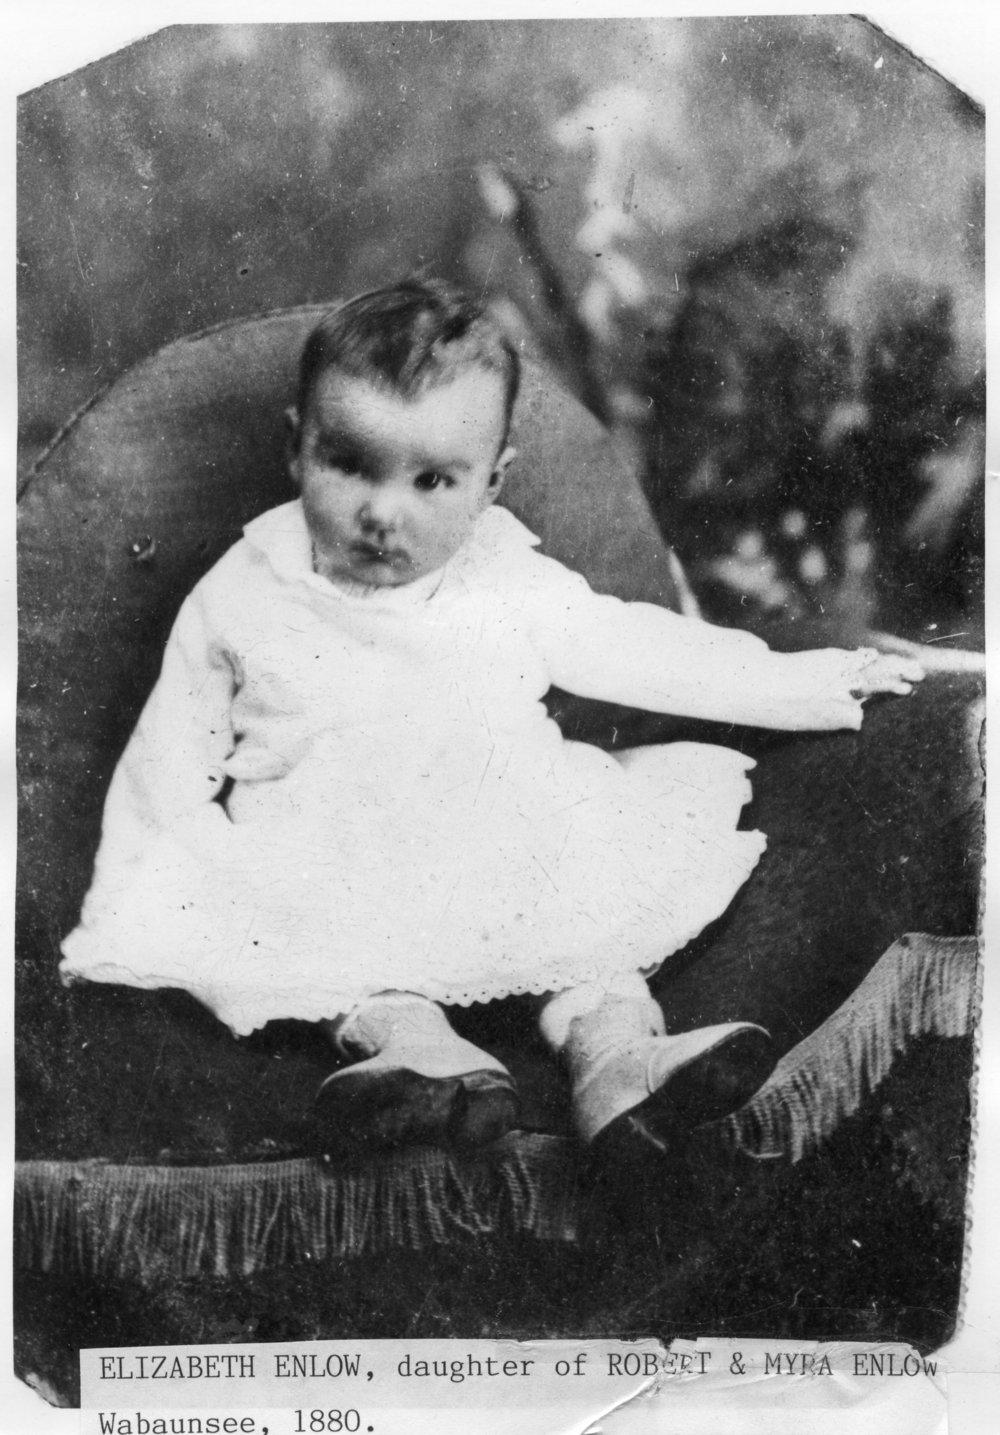 Elizabeth Enlow